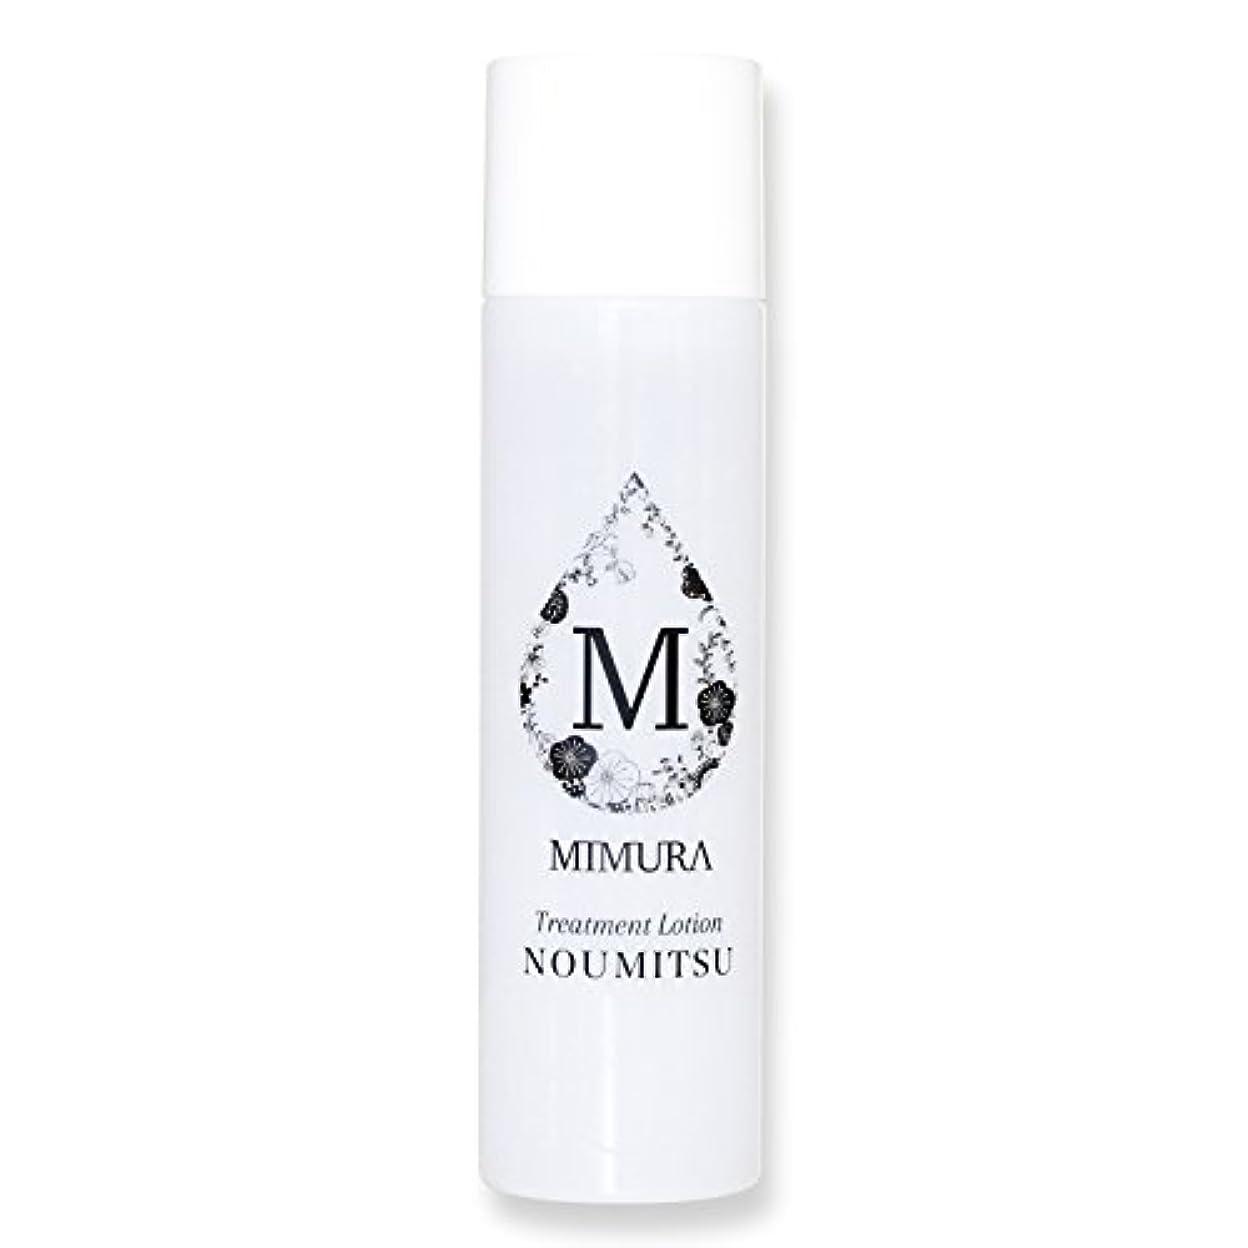 集団的ヘビ熱狂的な化粧水 乾燥肌 うるおい 送料無料 ミムラ トリートメントローション NOUMITSU MIMURA 日本製